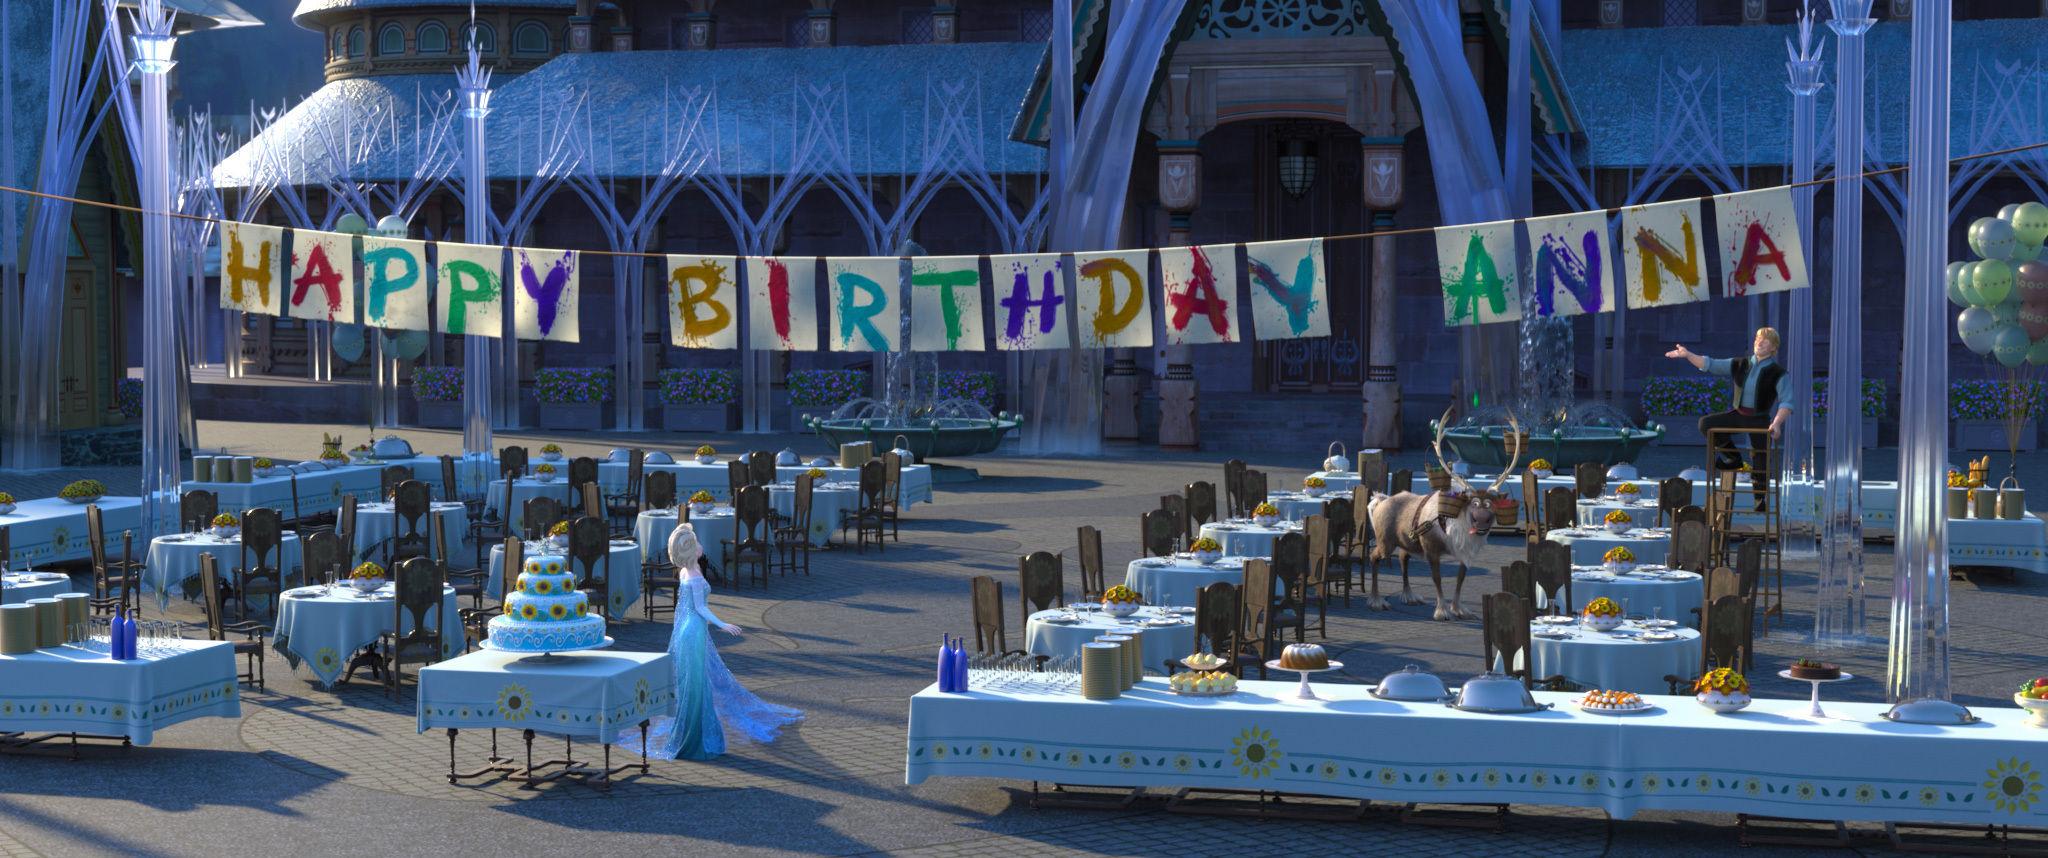 מסיבת יום הולדת לאנה - קדחת הקרח